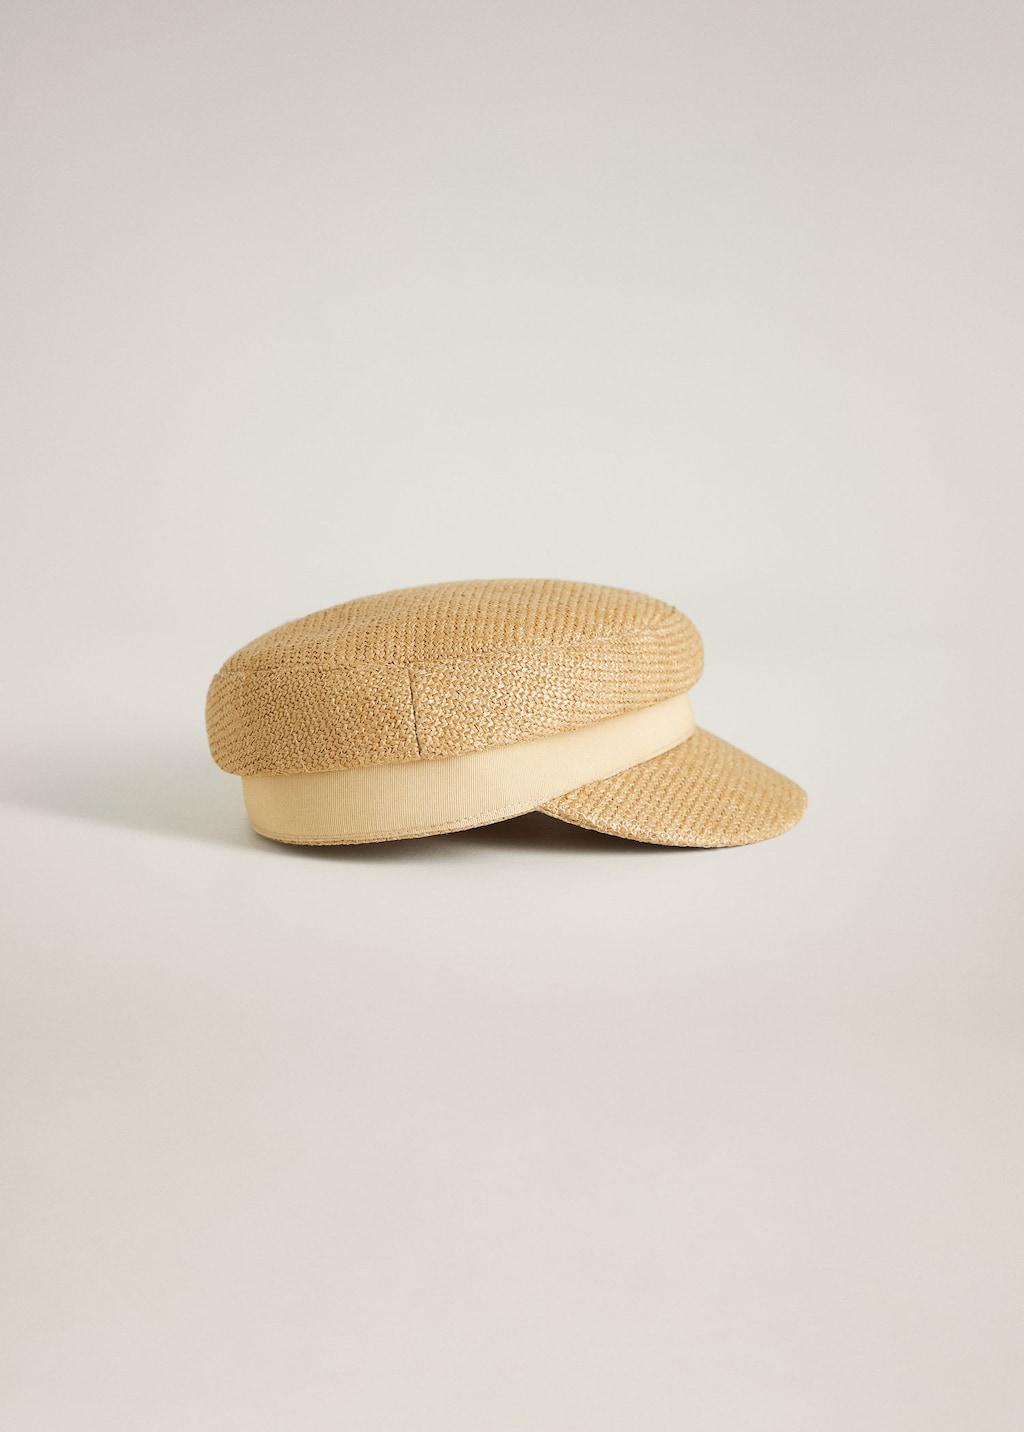 Sombrero del Sol de Las/se/ñoras del Verano de la Correa del/Sombrero de Sun/Correa/Elegante Sol de la Boina